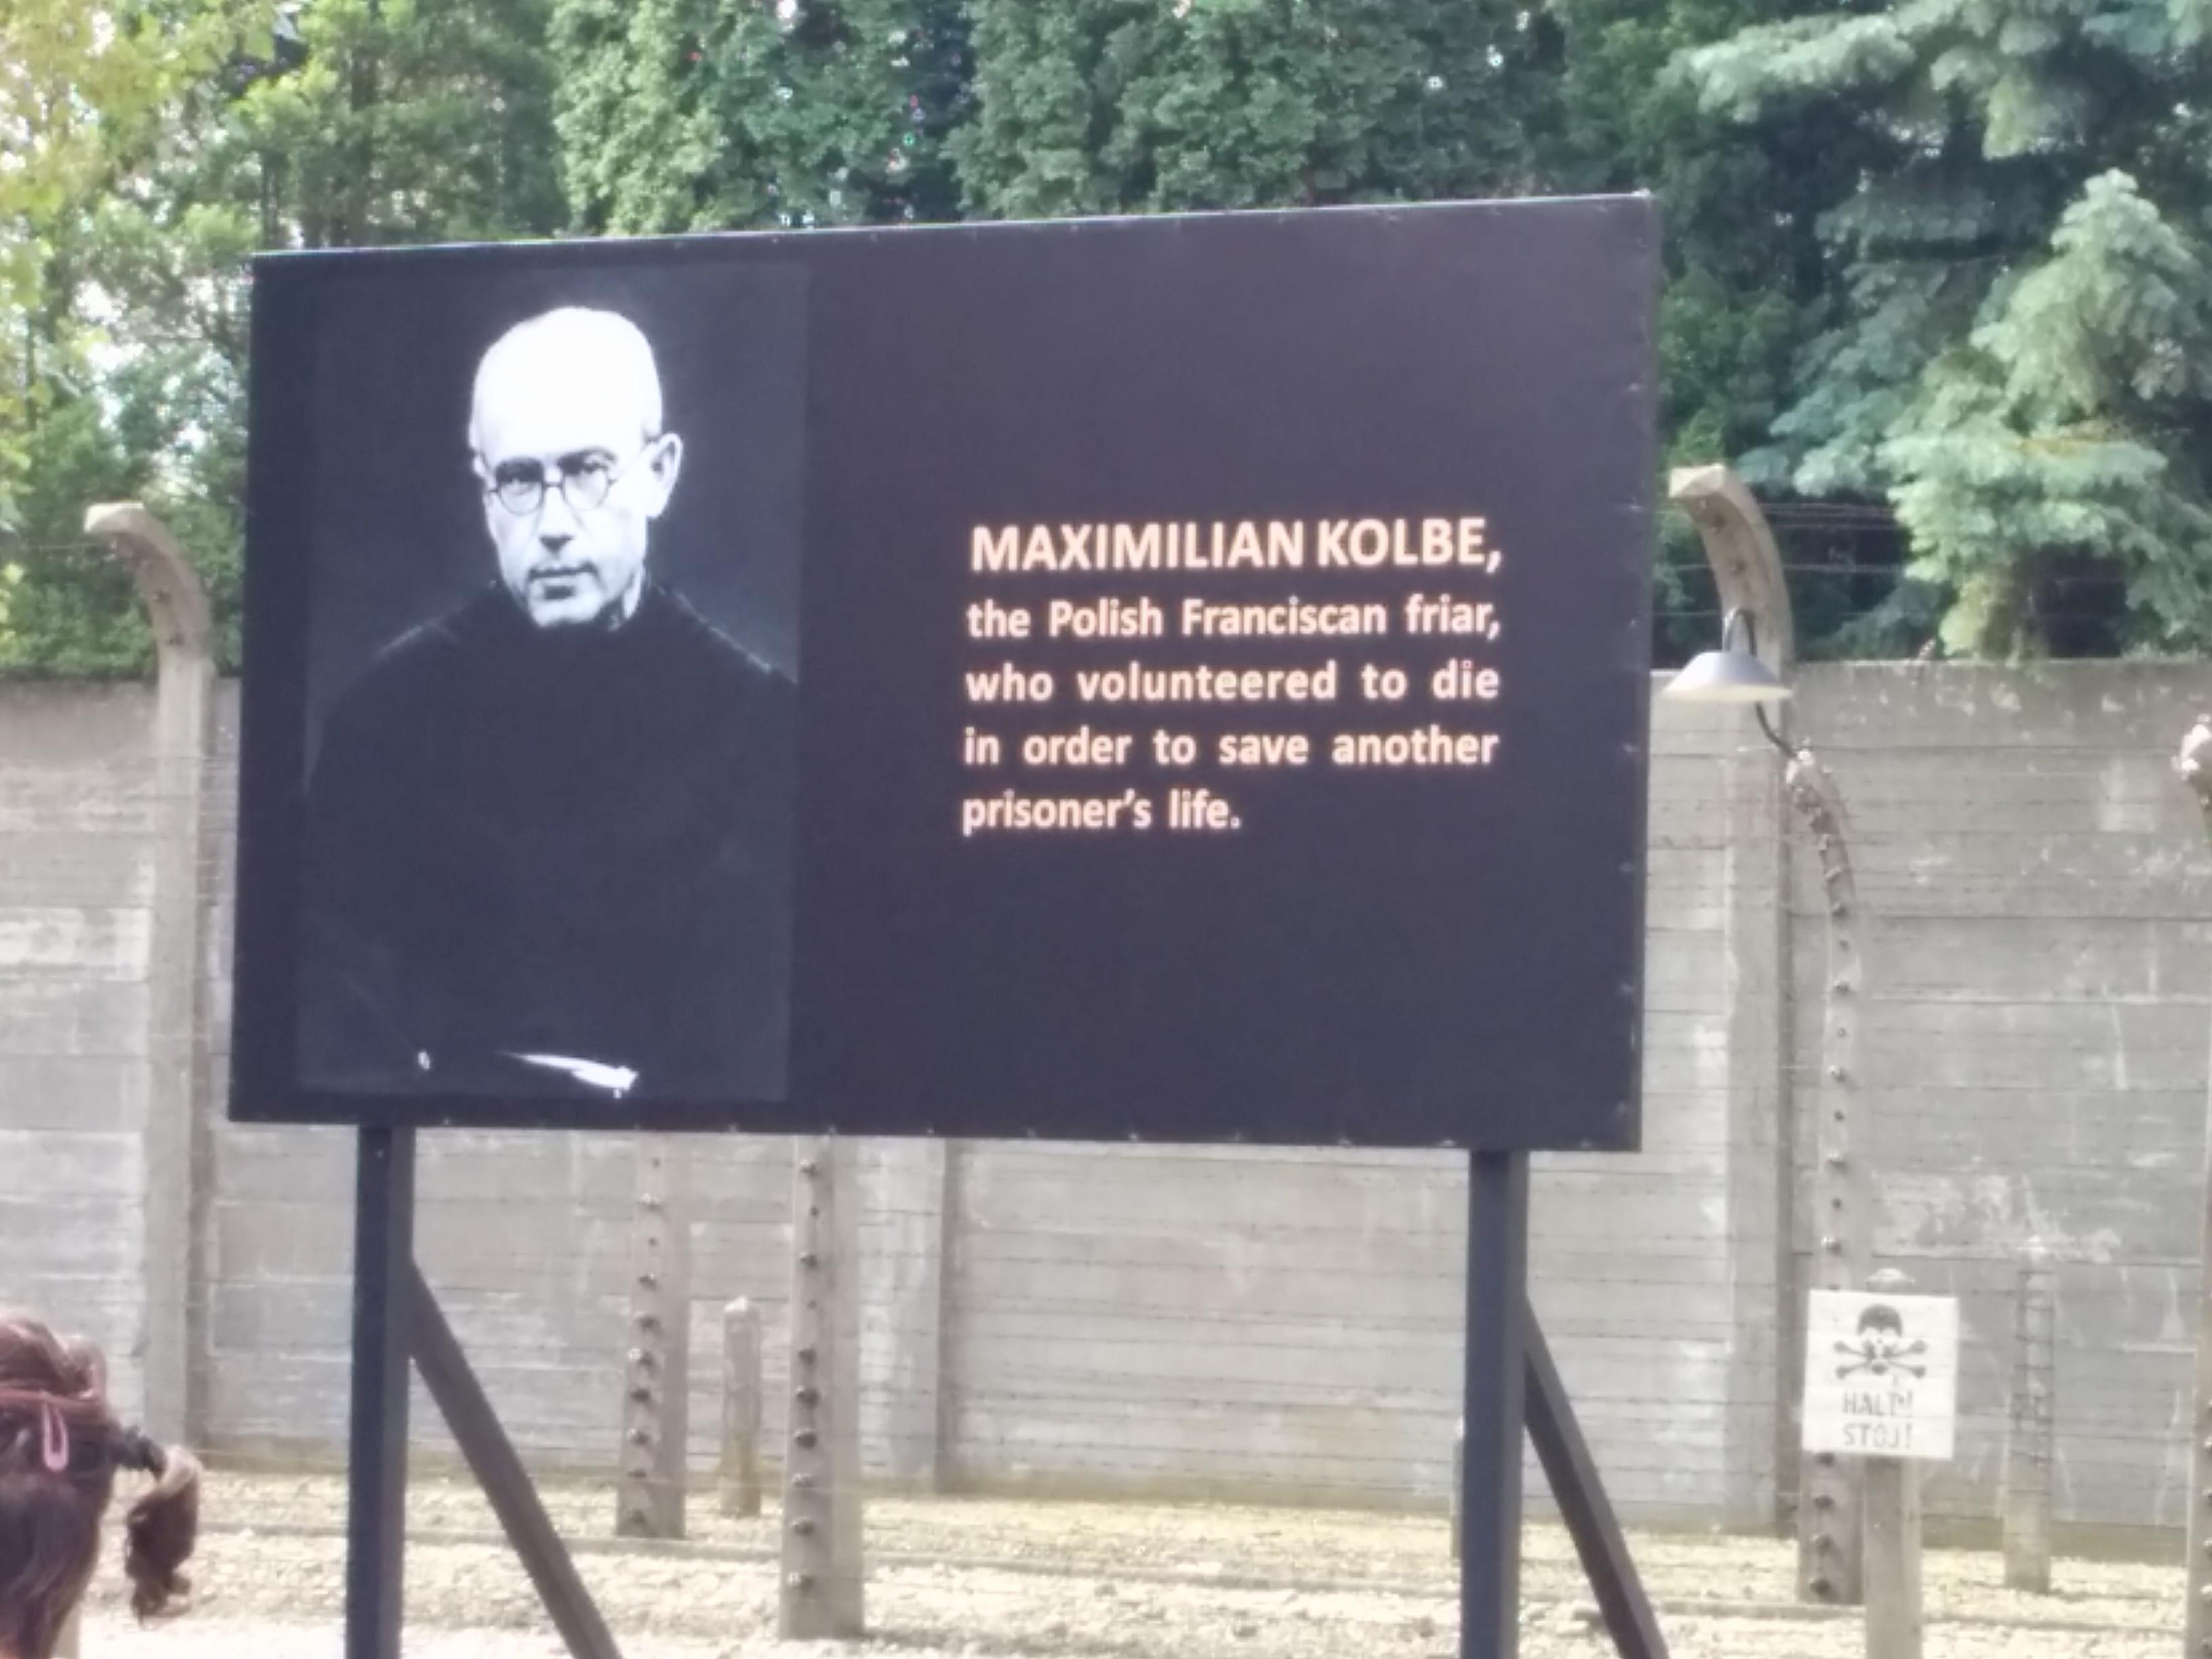 Anslag om Maximilian Kolbe i Auschwitz